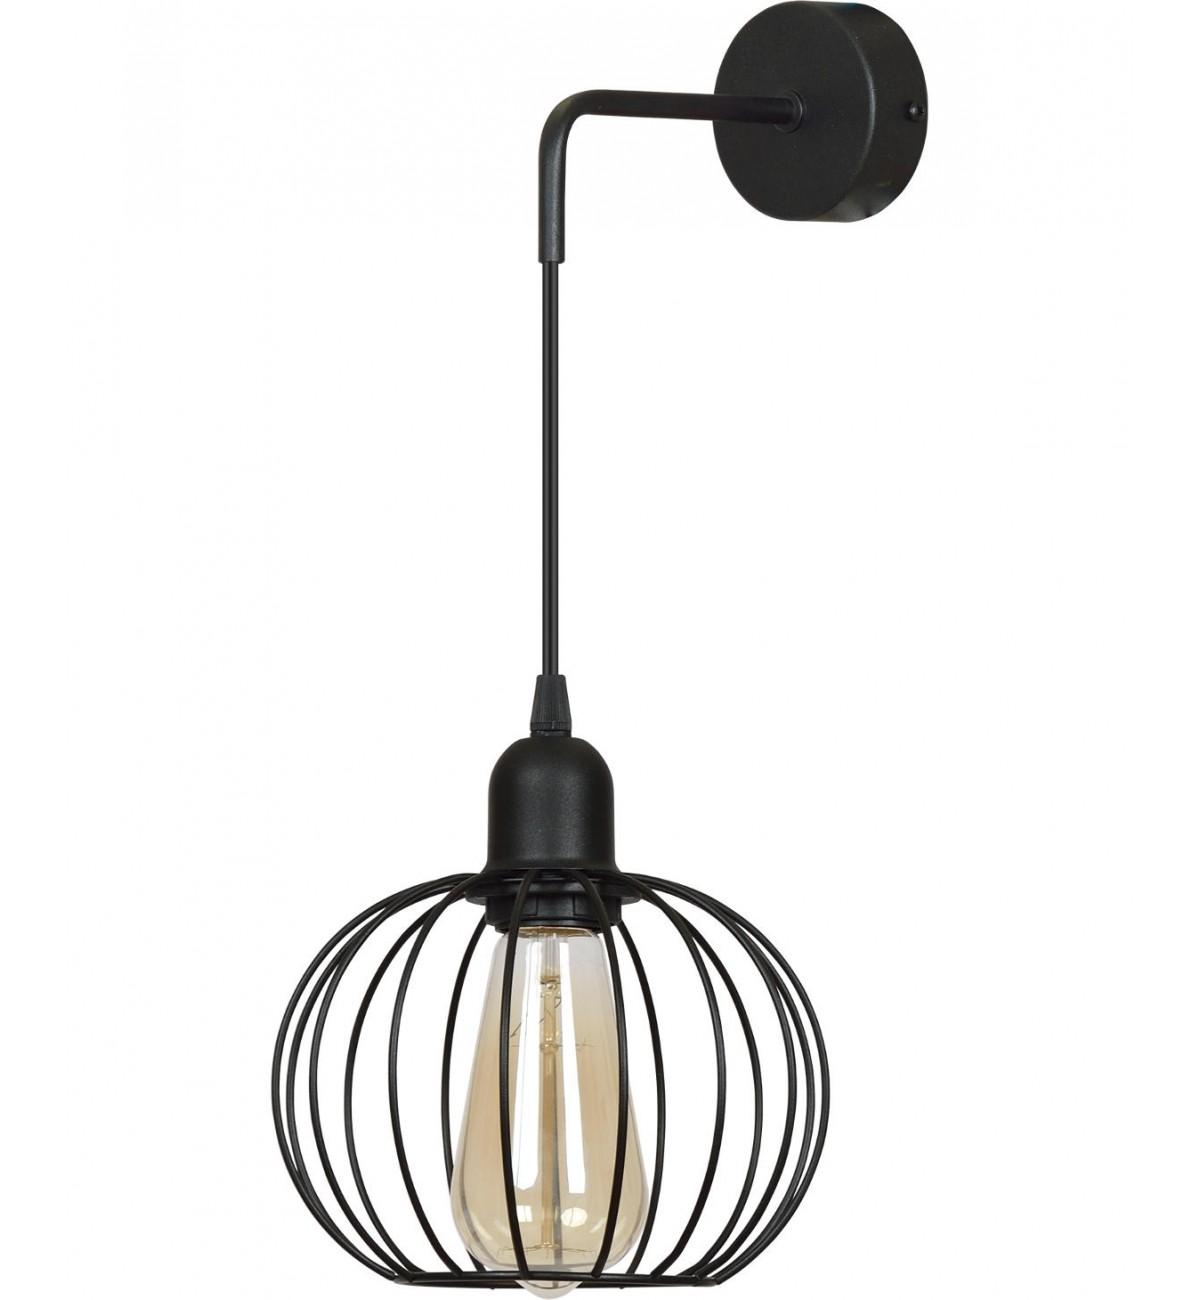 nowoczesny kinkiet wiszacy lampa scienna loft Kinkiety do jadalni